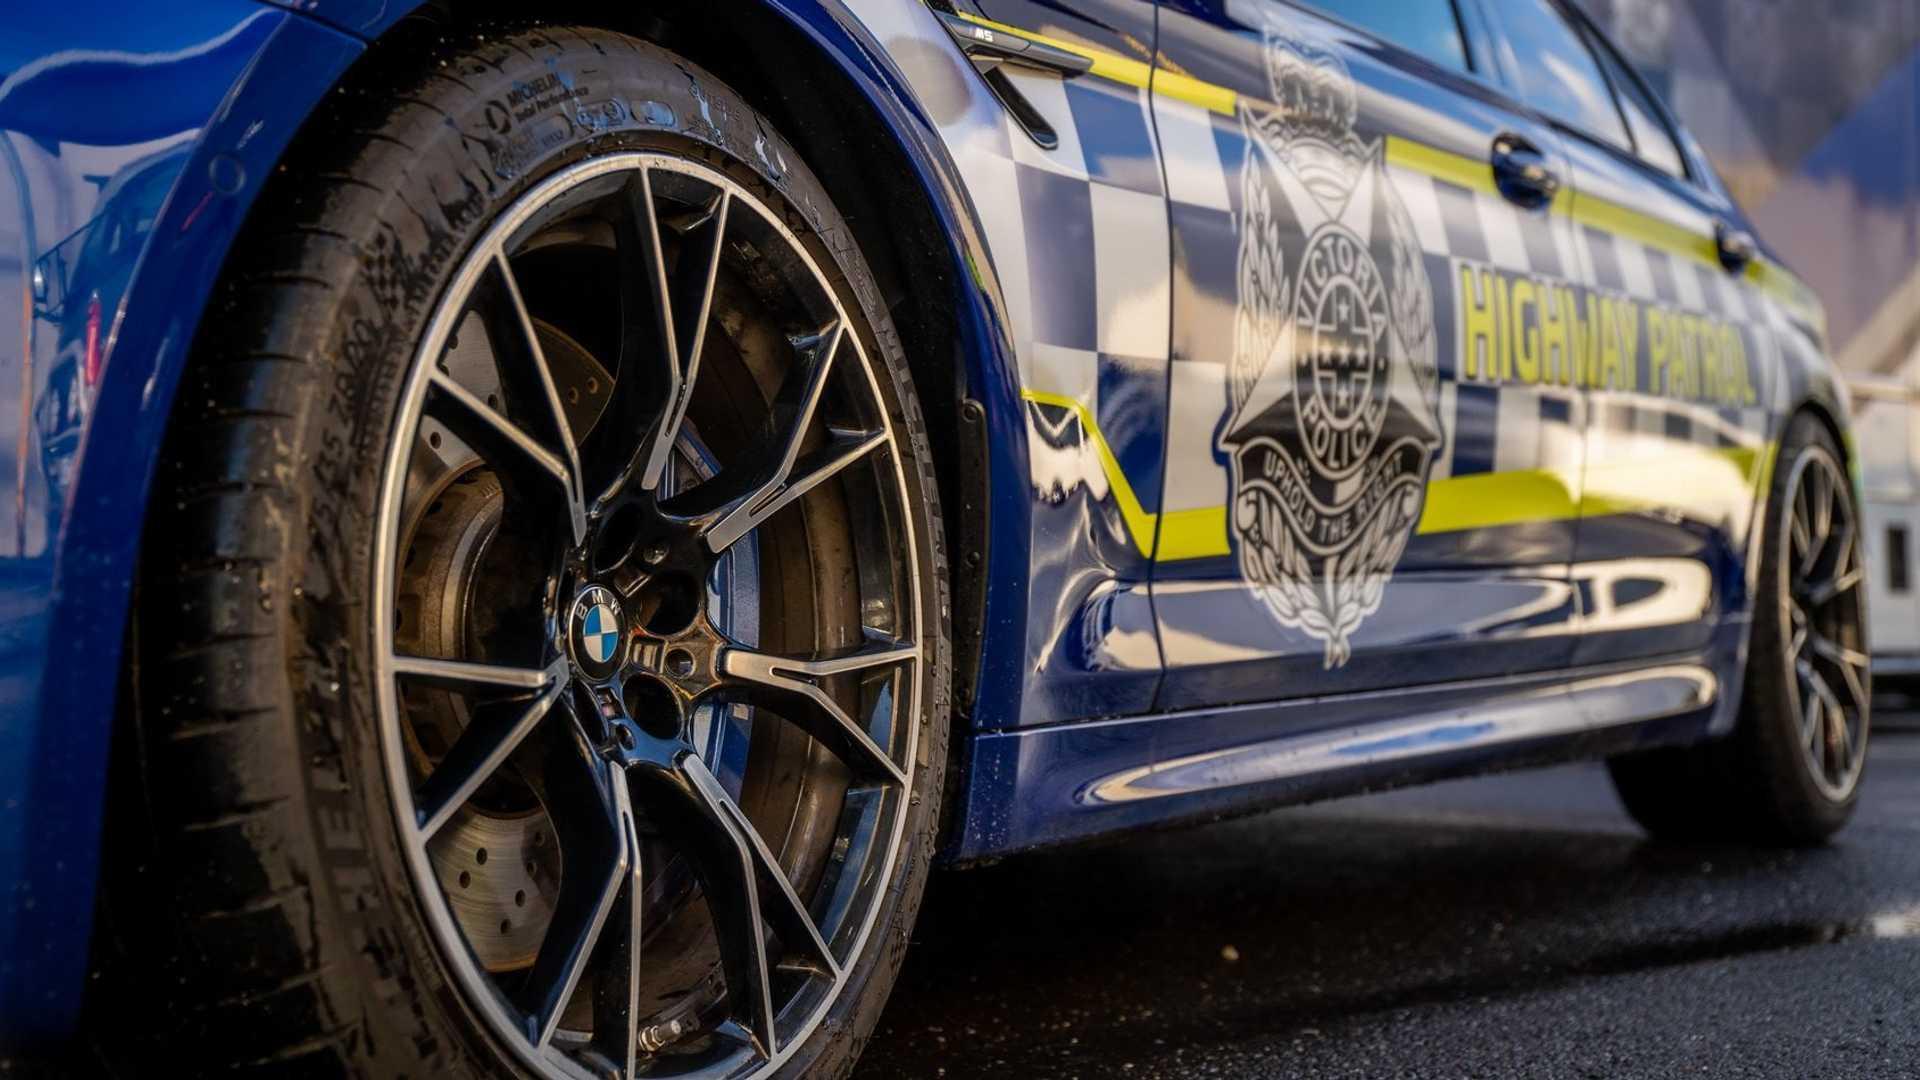 M5入列!澳大利亚警方喜提竞速猛兽